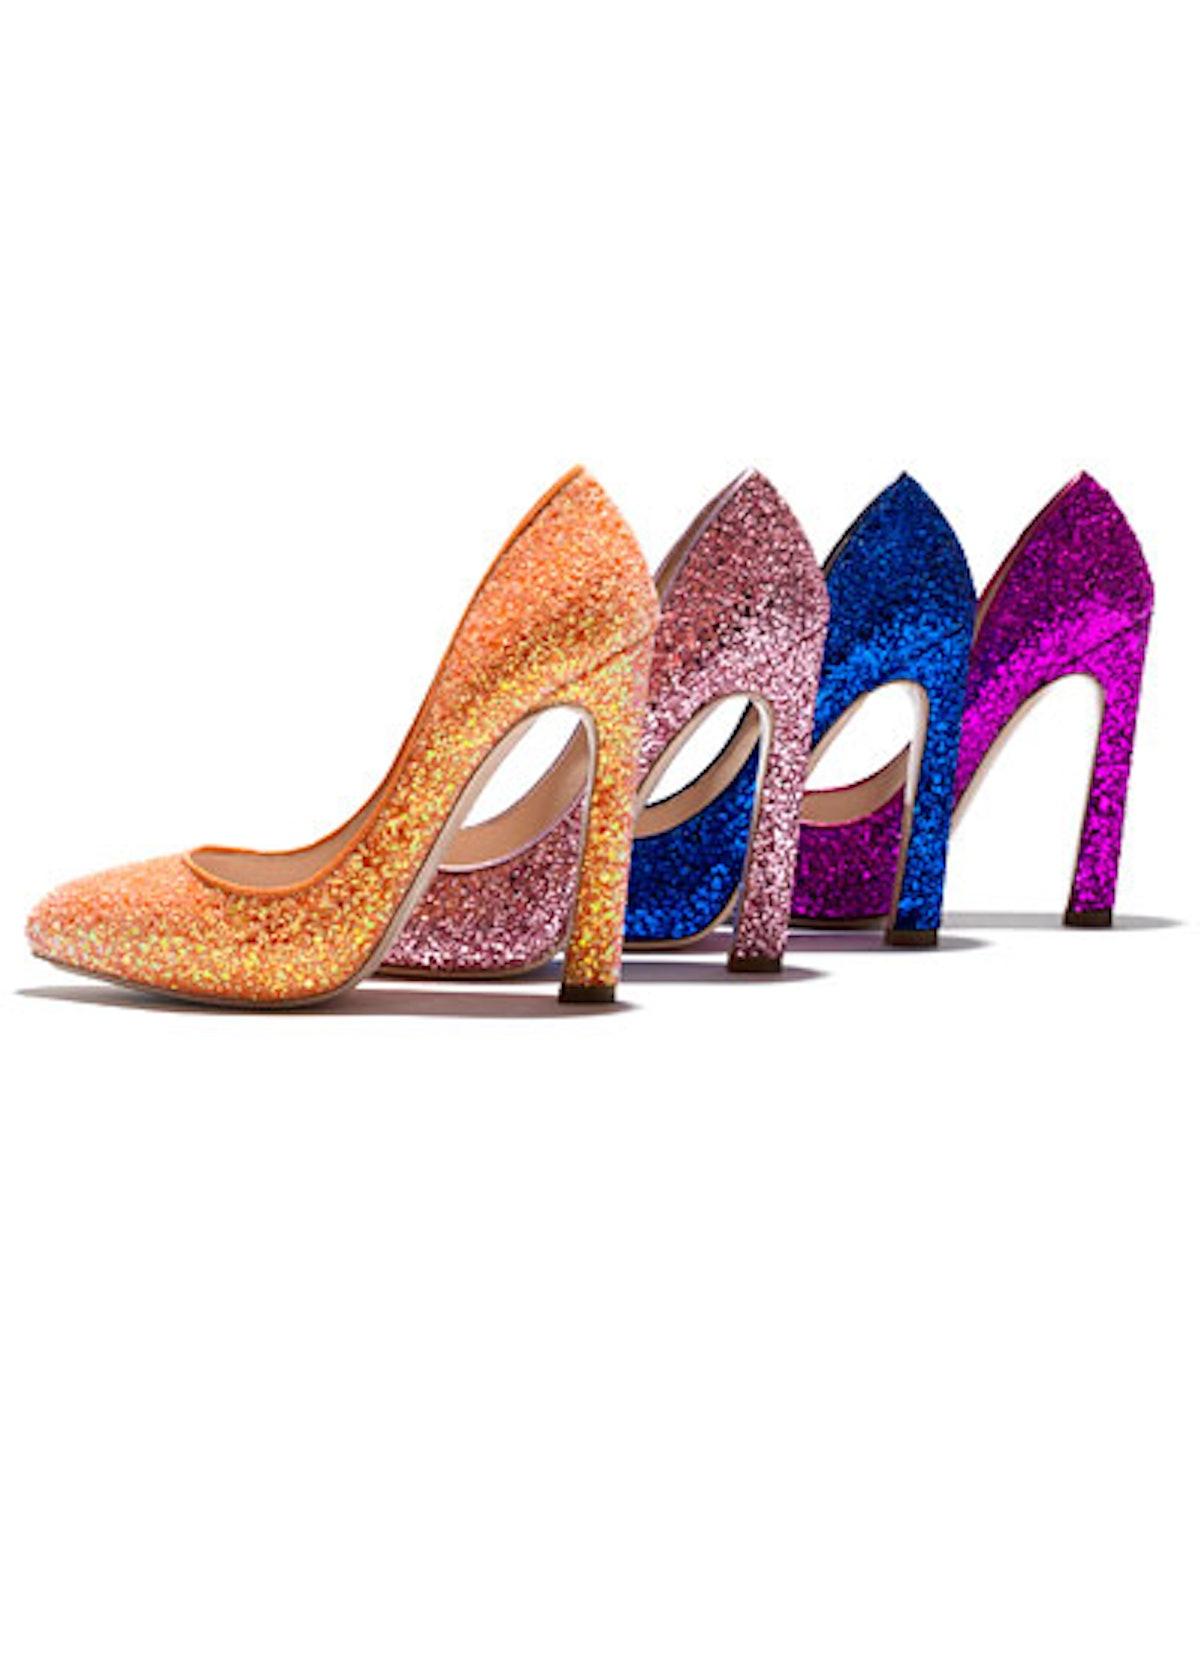 fass-glitter-trend-01-v.jpg